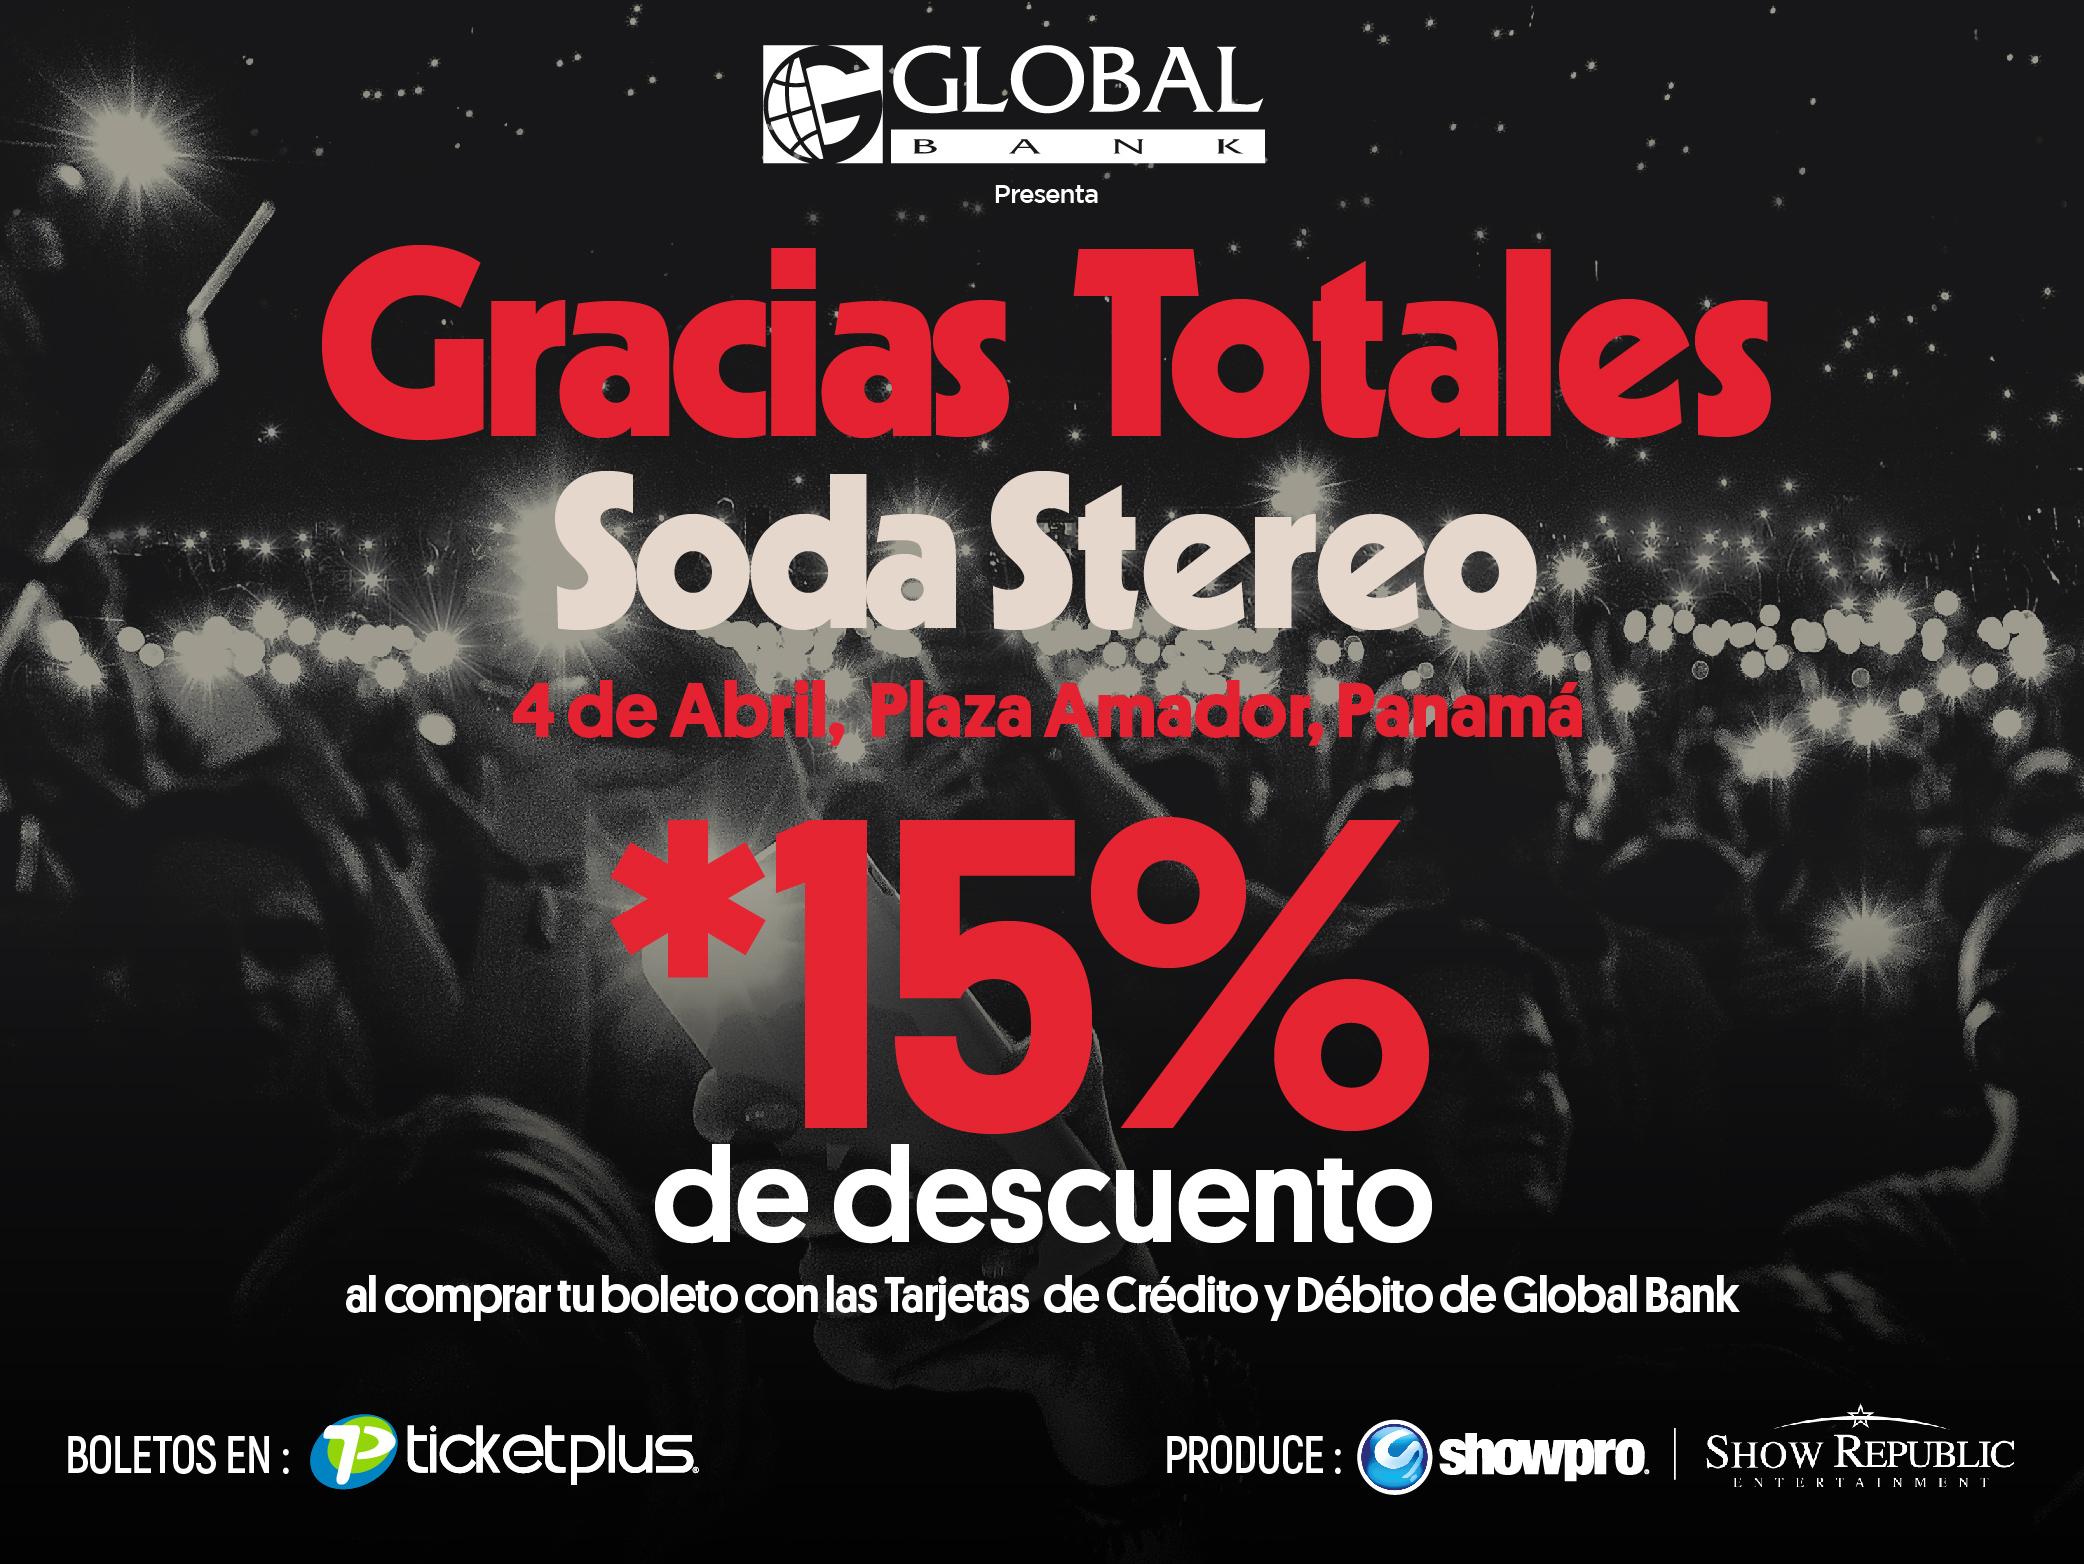 Imagen relacionada a la promoción Soda Stereo